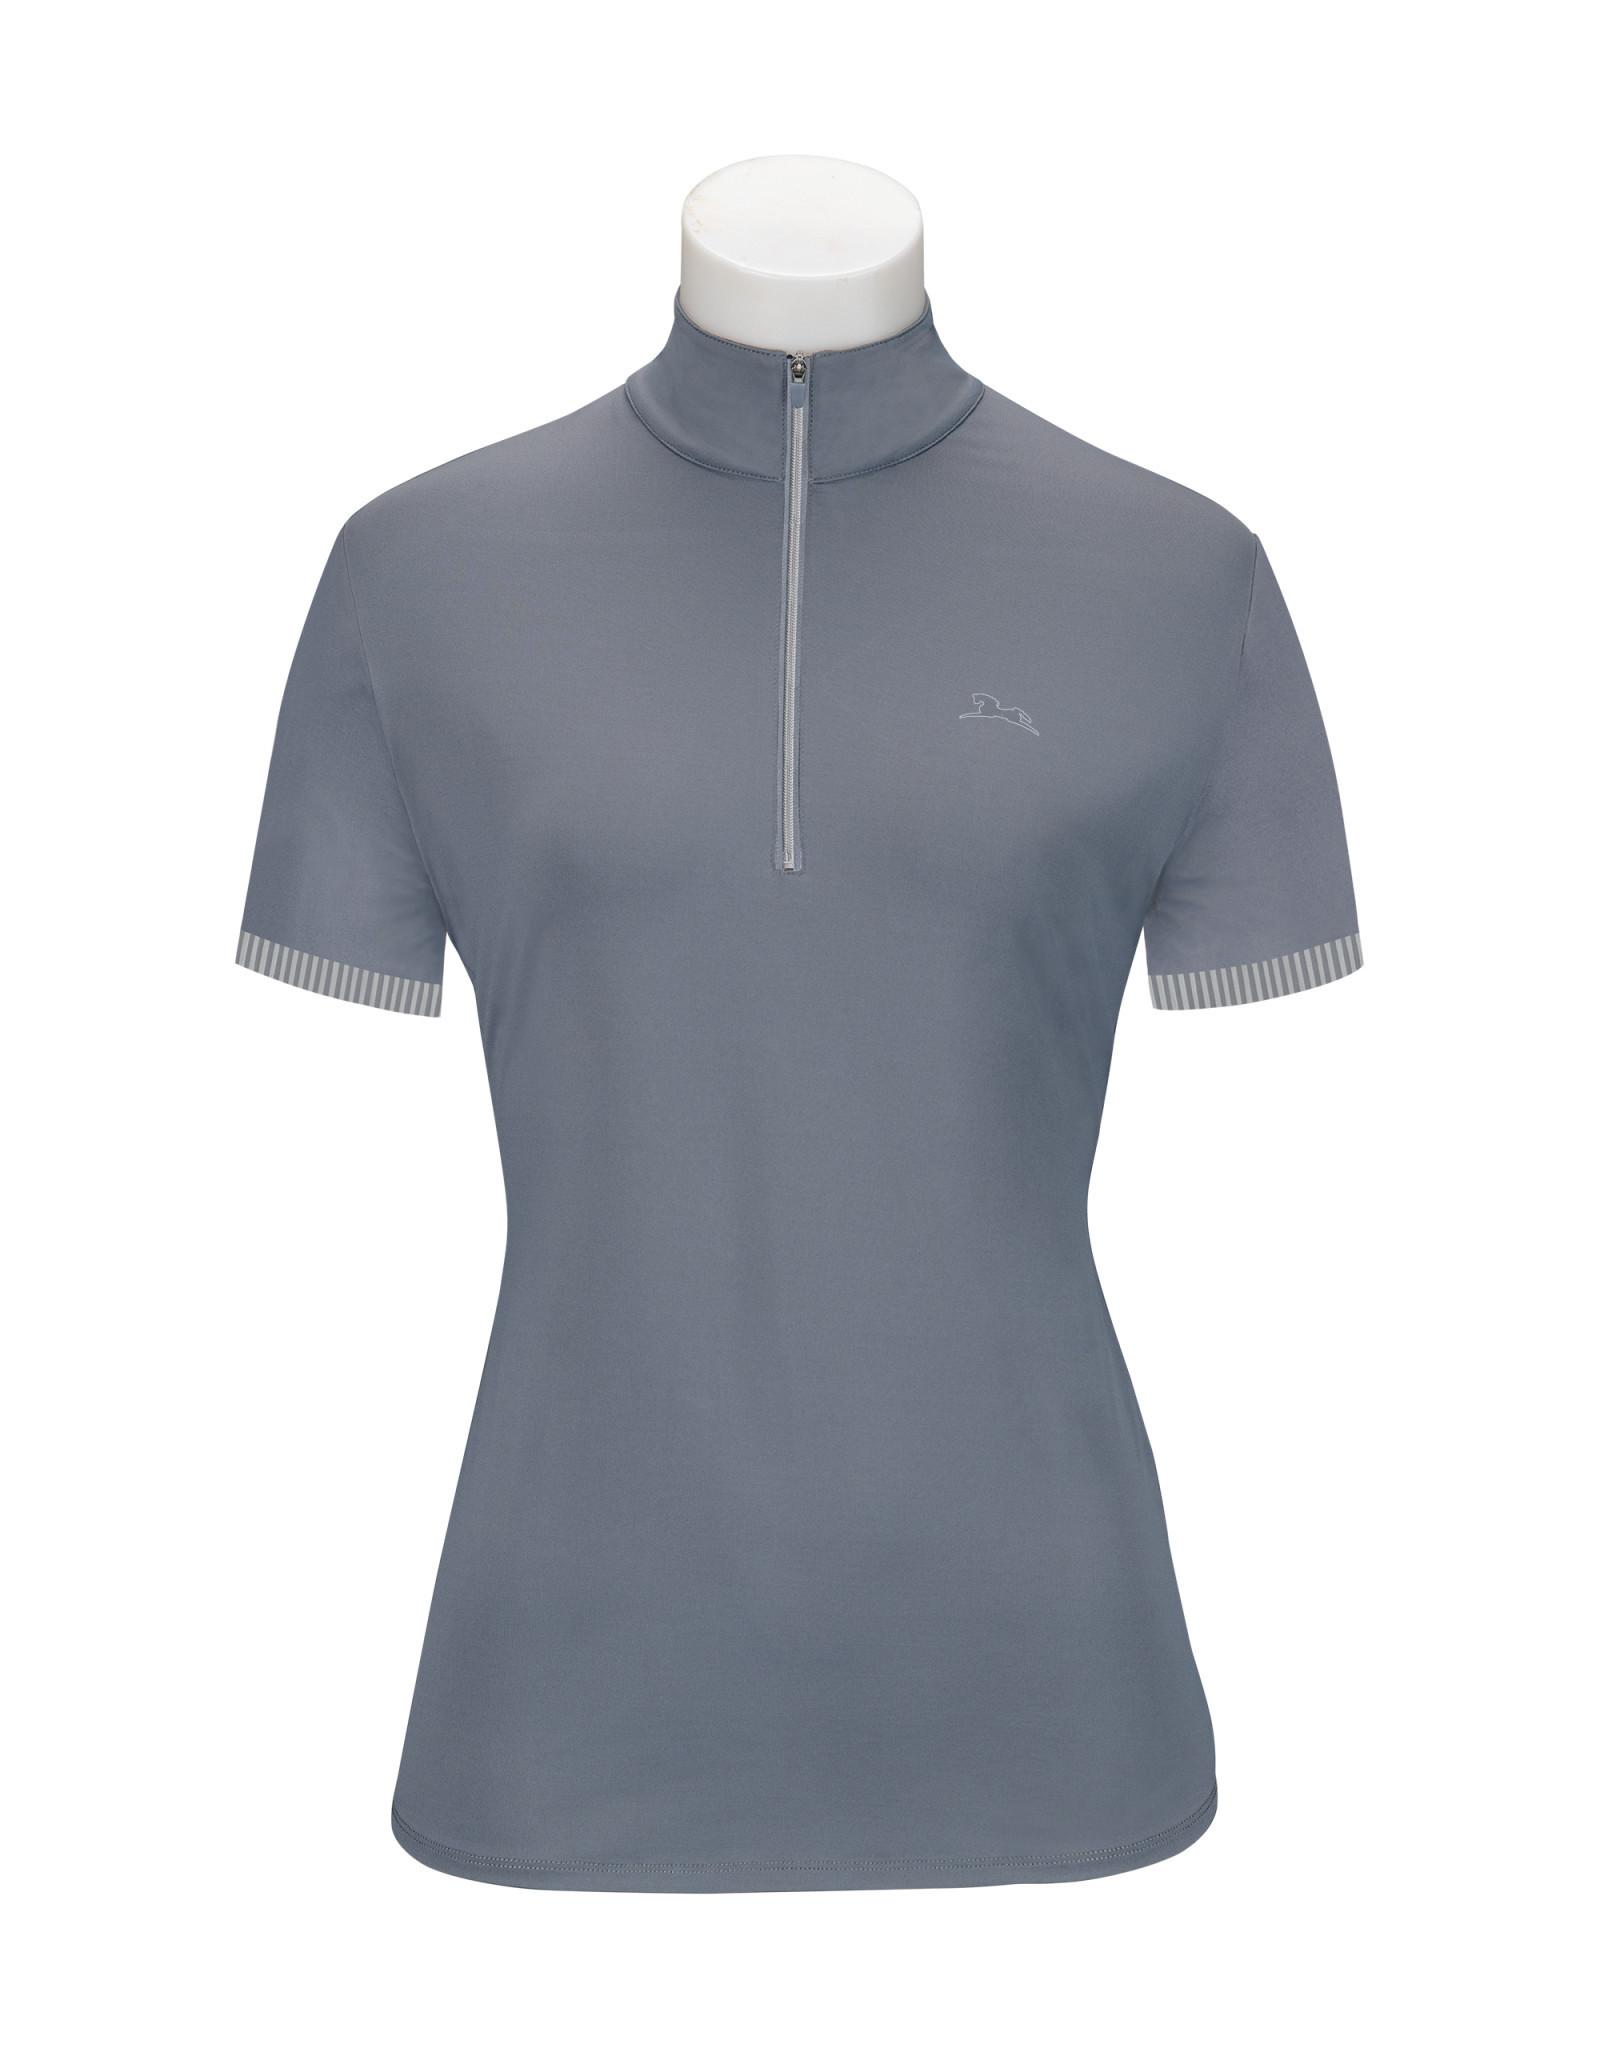 RJ CLASSICS Maya Ladies' Short Sleeve Training Shirt